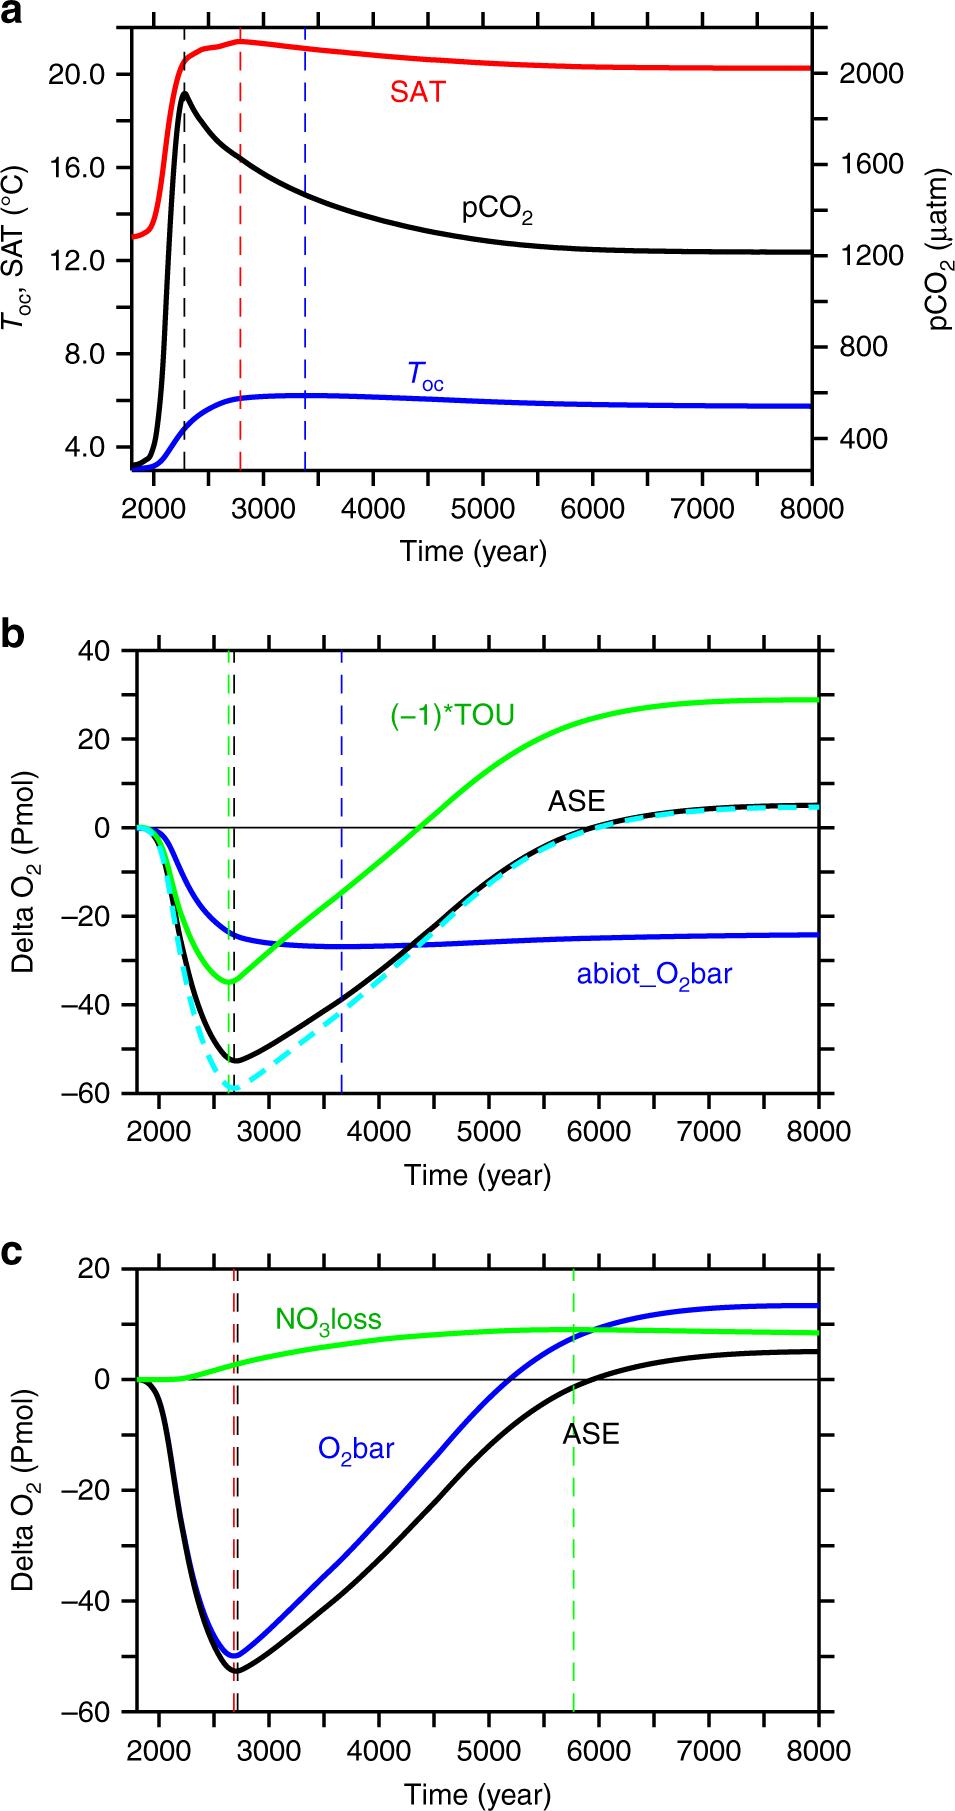 Loss of fixed nitrogen causes net oxygen gain in a warmer future ocean